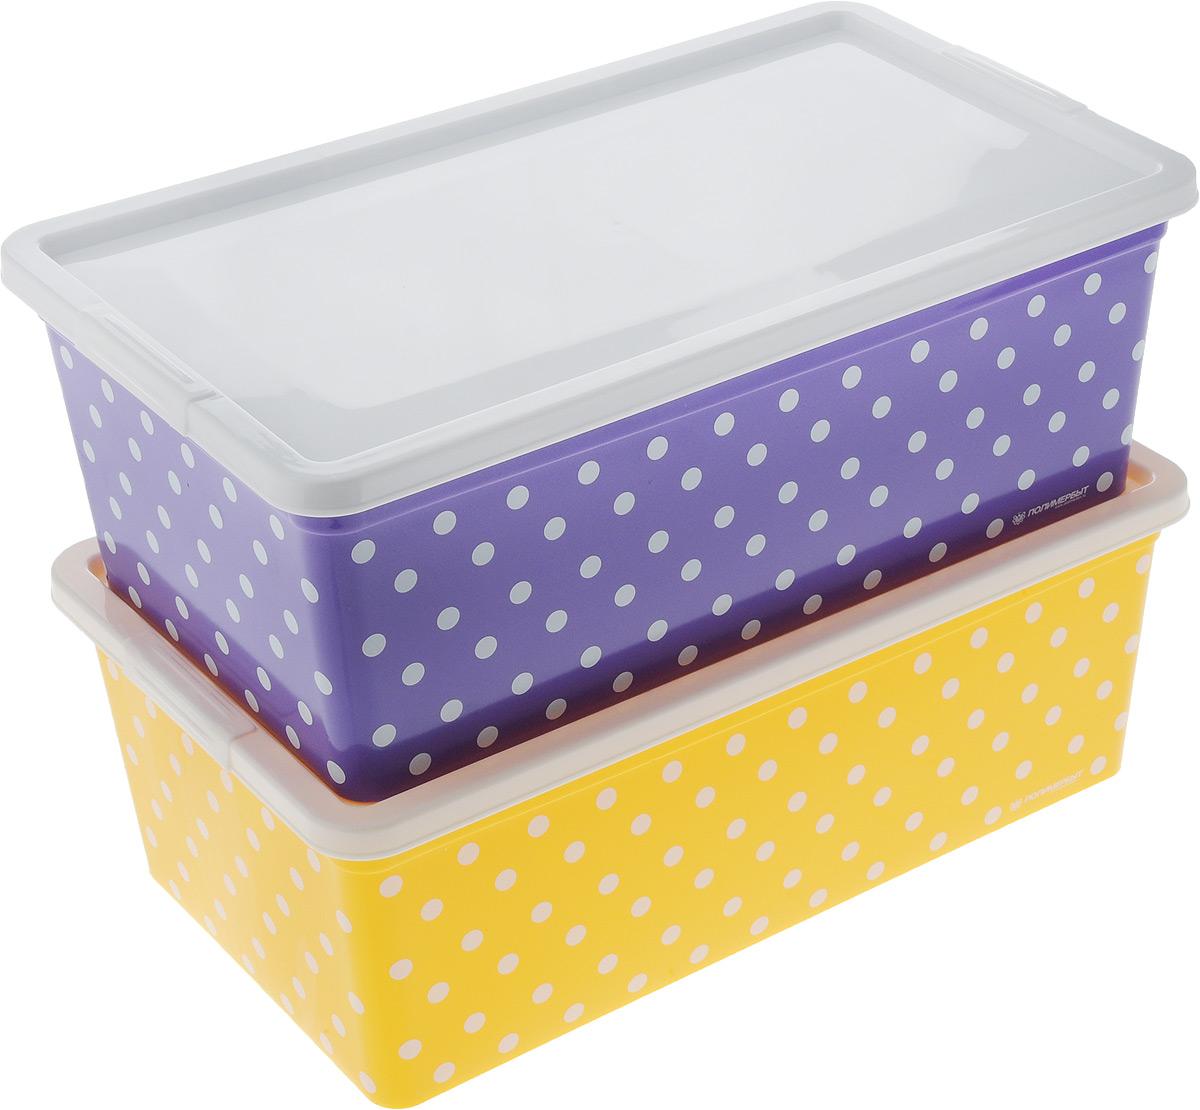 Набор контейнеров для хранения Полимербыт Горох, цвет: фиолетовый, желтый, белый, 2 штSGHPBKP73Набор Полимербыт Горох состоит из двух контейнеров, которые выполнены из высококачественного пластика. Изделия оформлены принтом в горох. Контейнеры оснащены крышками, которые плотно закрывают изделия. Контейнеры очень вместительные и помогут вам хранить все необходимые мелочи в одном месте. Размер контейнера: 34 х 19 см. Высота контейнера: 12 см.